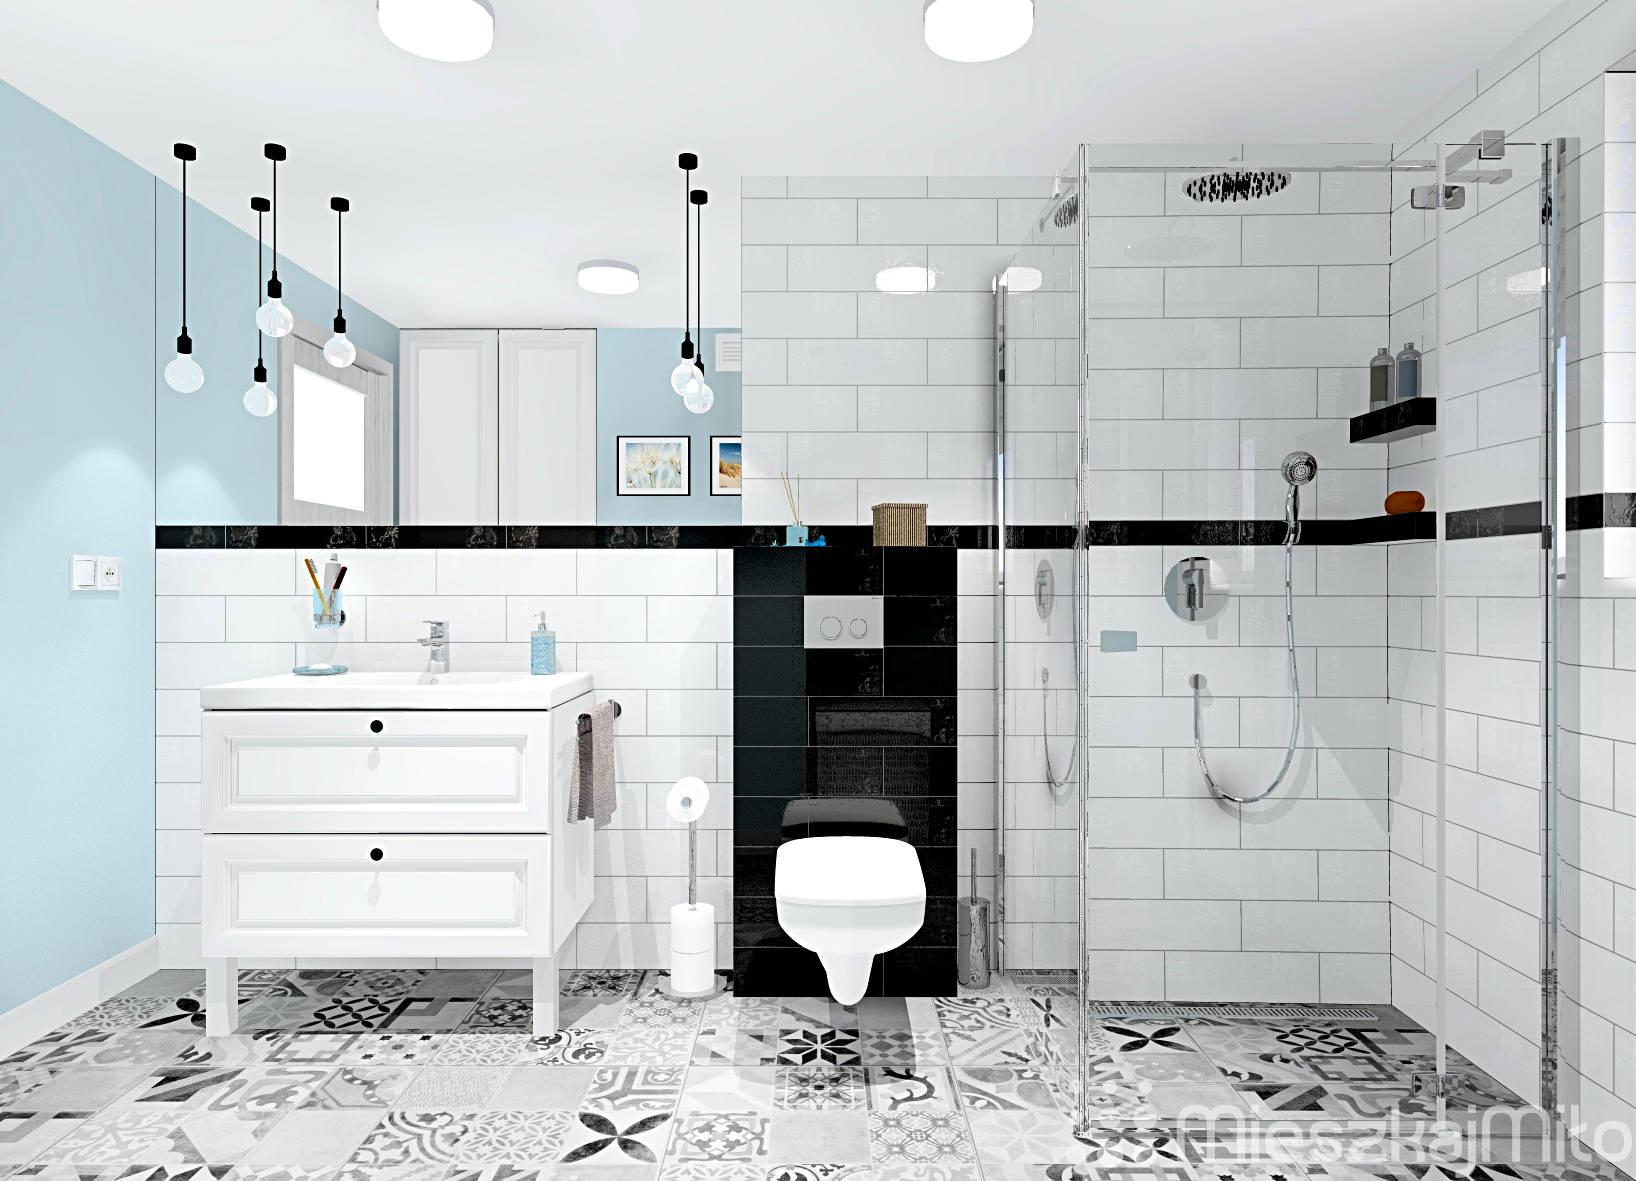 Aranżacja łazienki Z Prysznicem Mieszkaj Miło Aranżacja Wnętrz